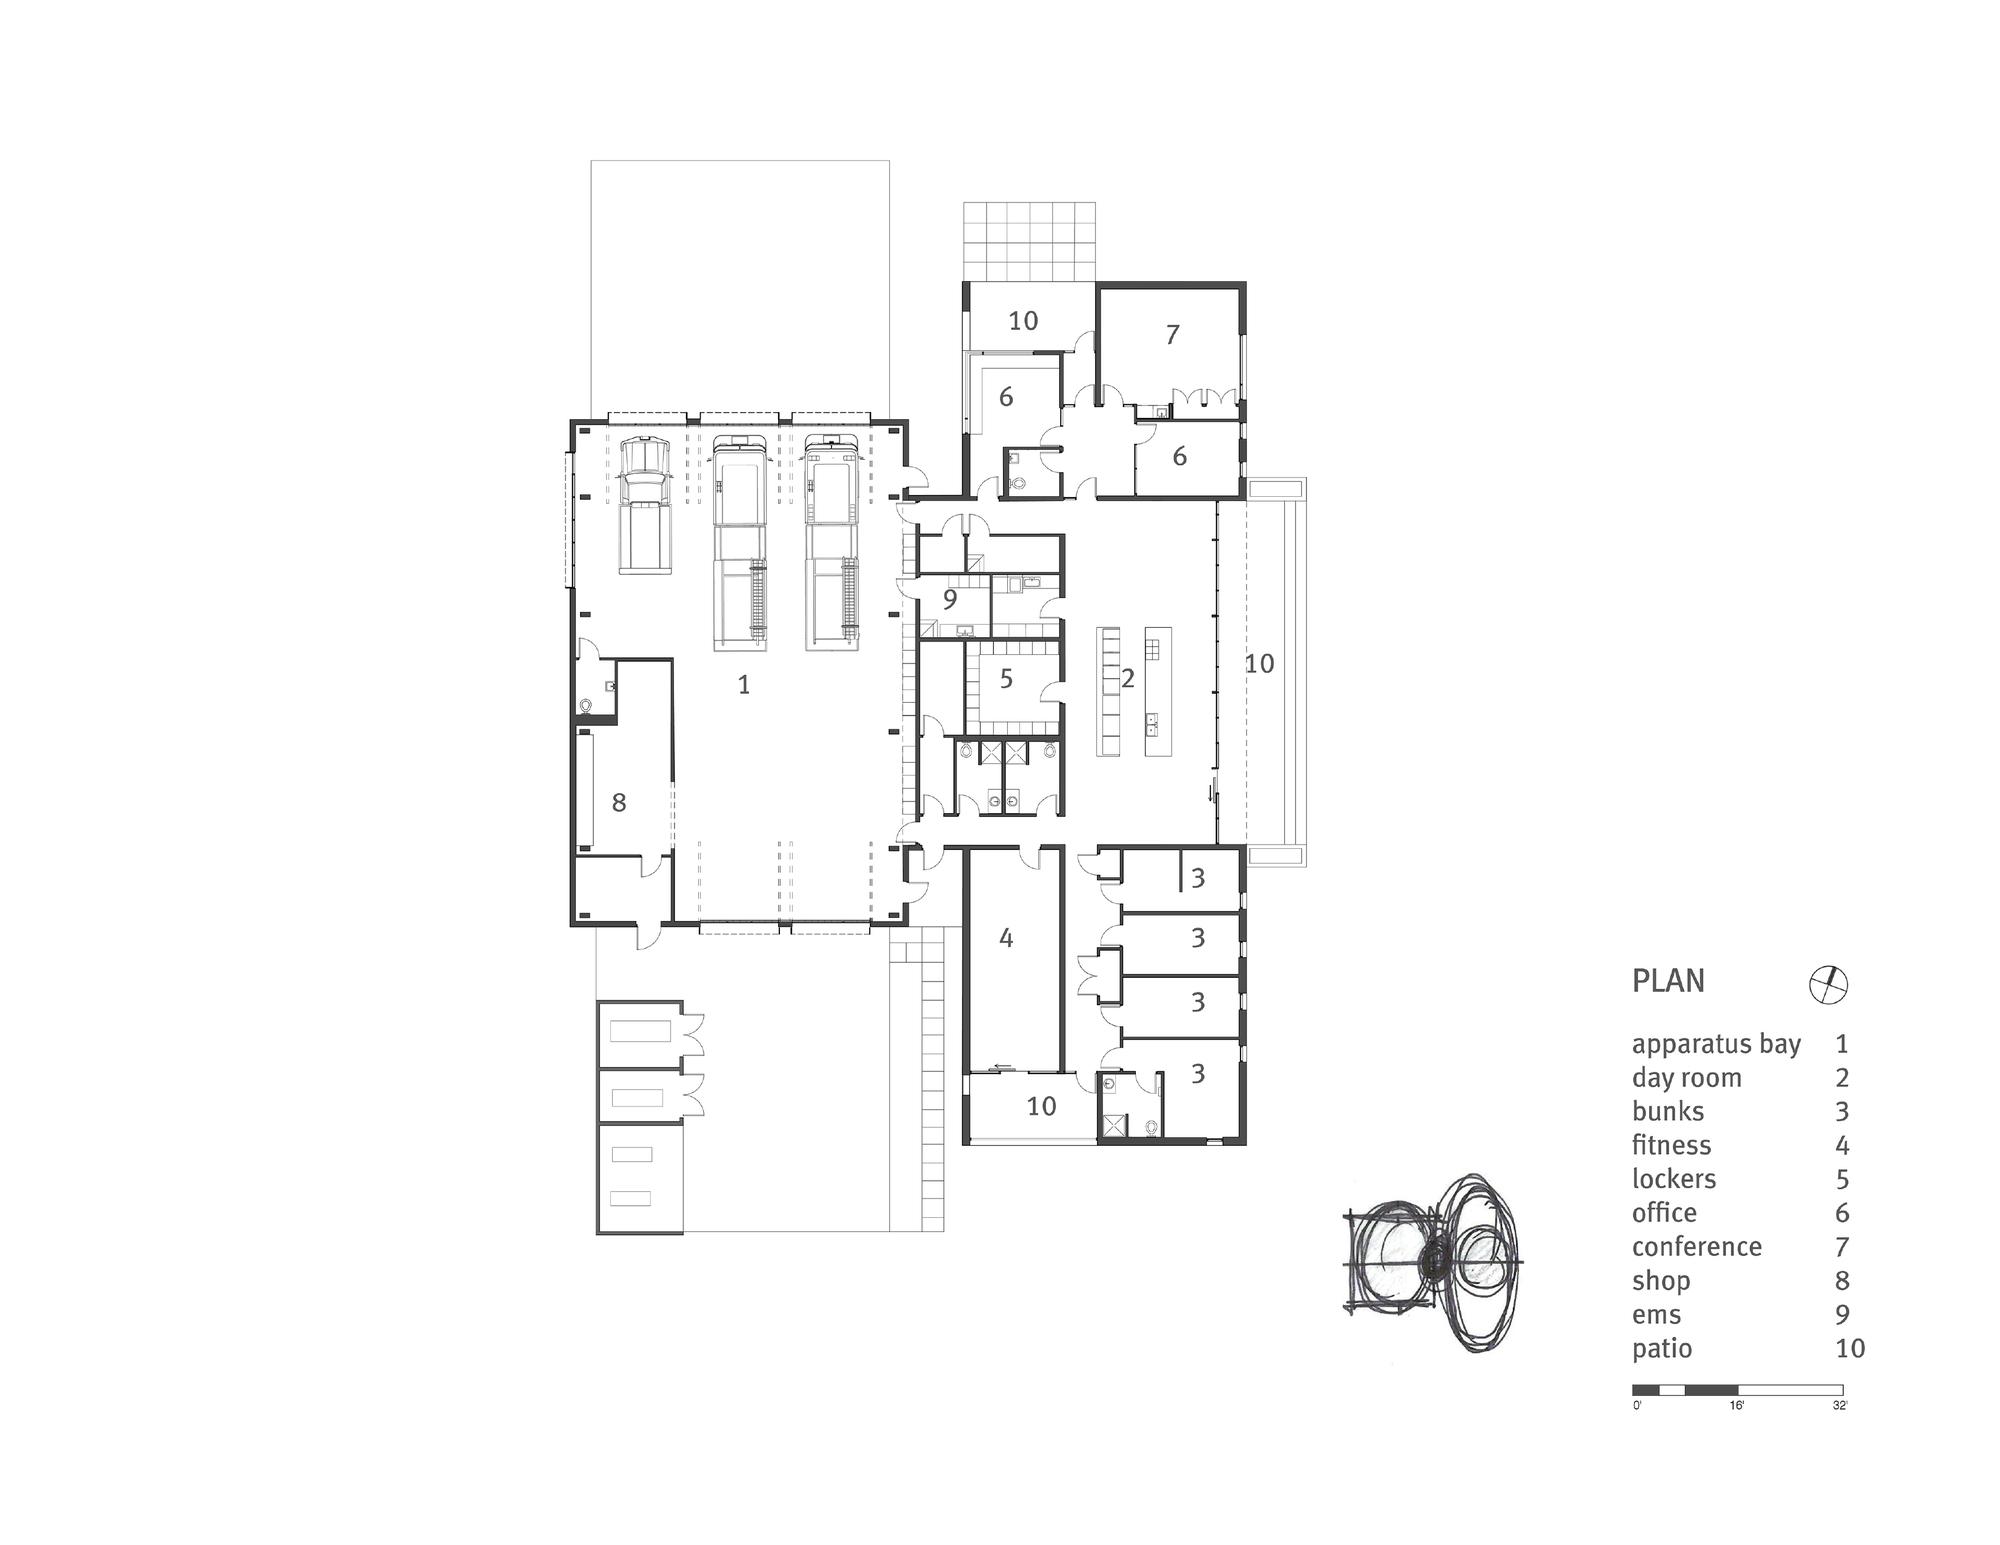 fire department floor plans designs trends home design fire station floor plans carver fire department